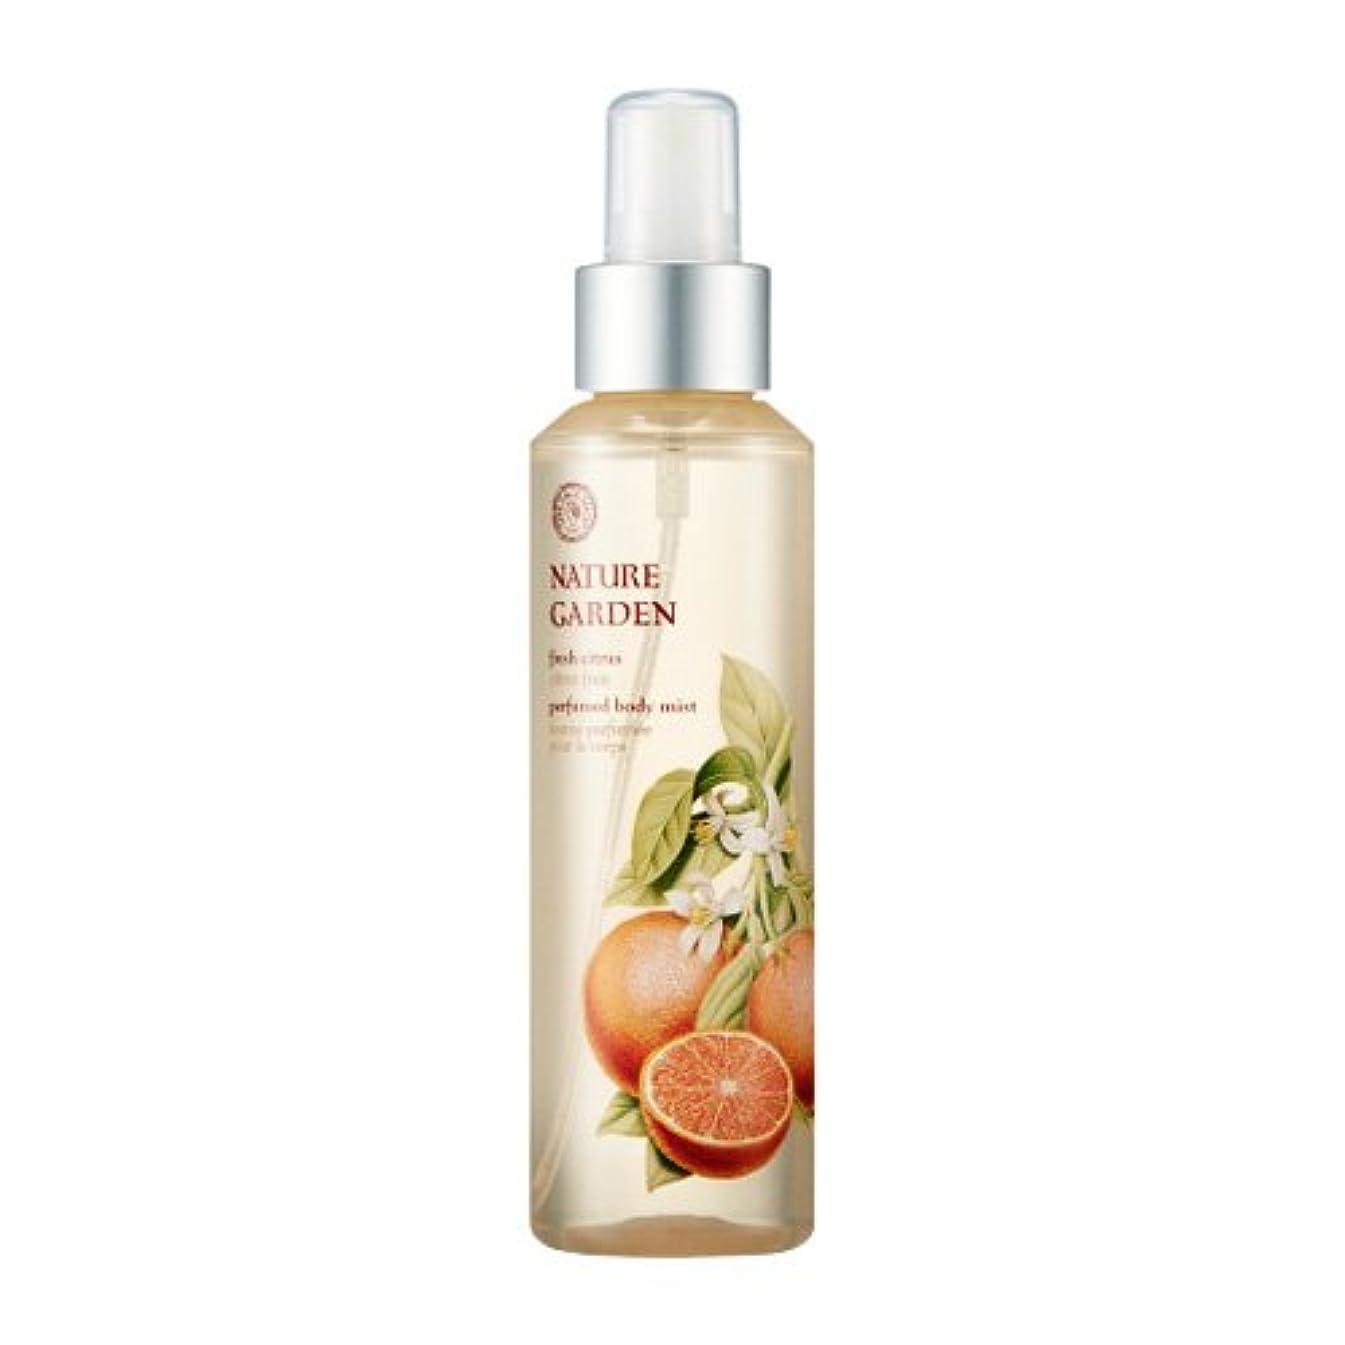 非難する褐色原子THE FACE SHOP NATURE GARDEN (Fresh Citrus) Perfume Body Mist 155ml / ザ?フェイスショップ ネイチャーガーデン パフューム ボディミスト [並行輸入品]